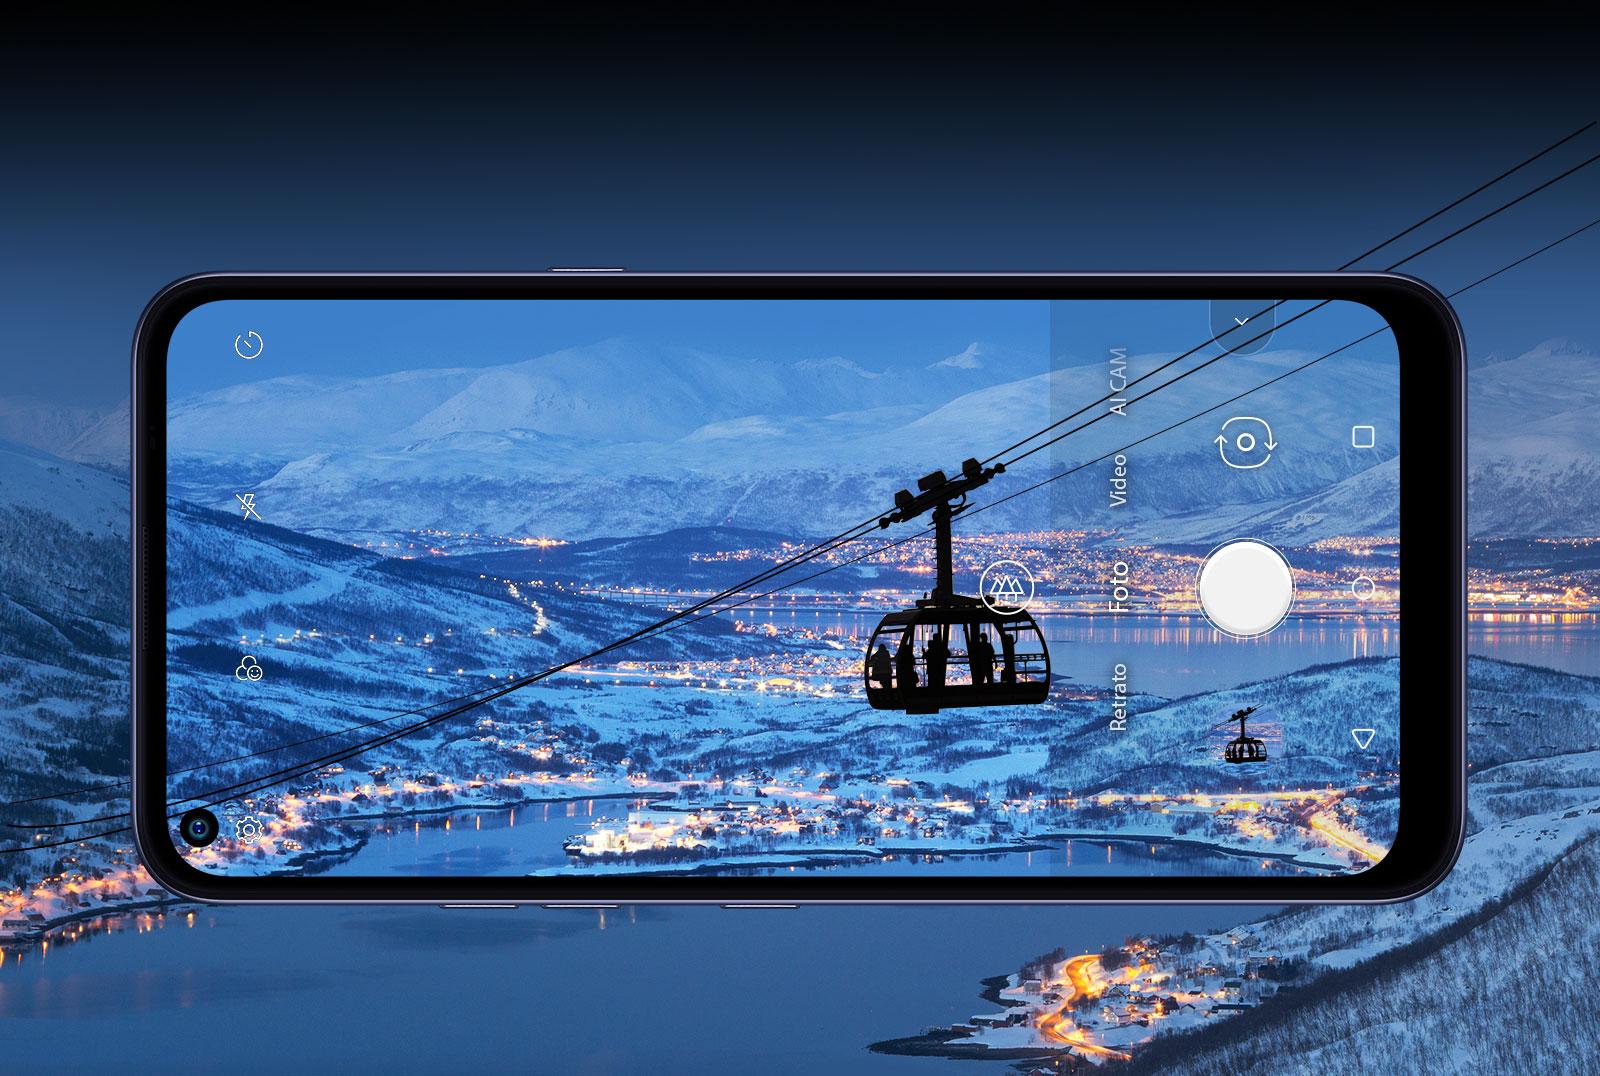 Smartphone fotografando um teleférico no topo da montanha com uma bela vista